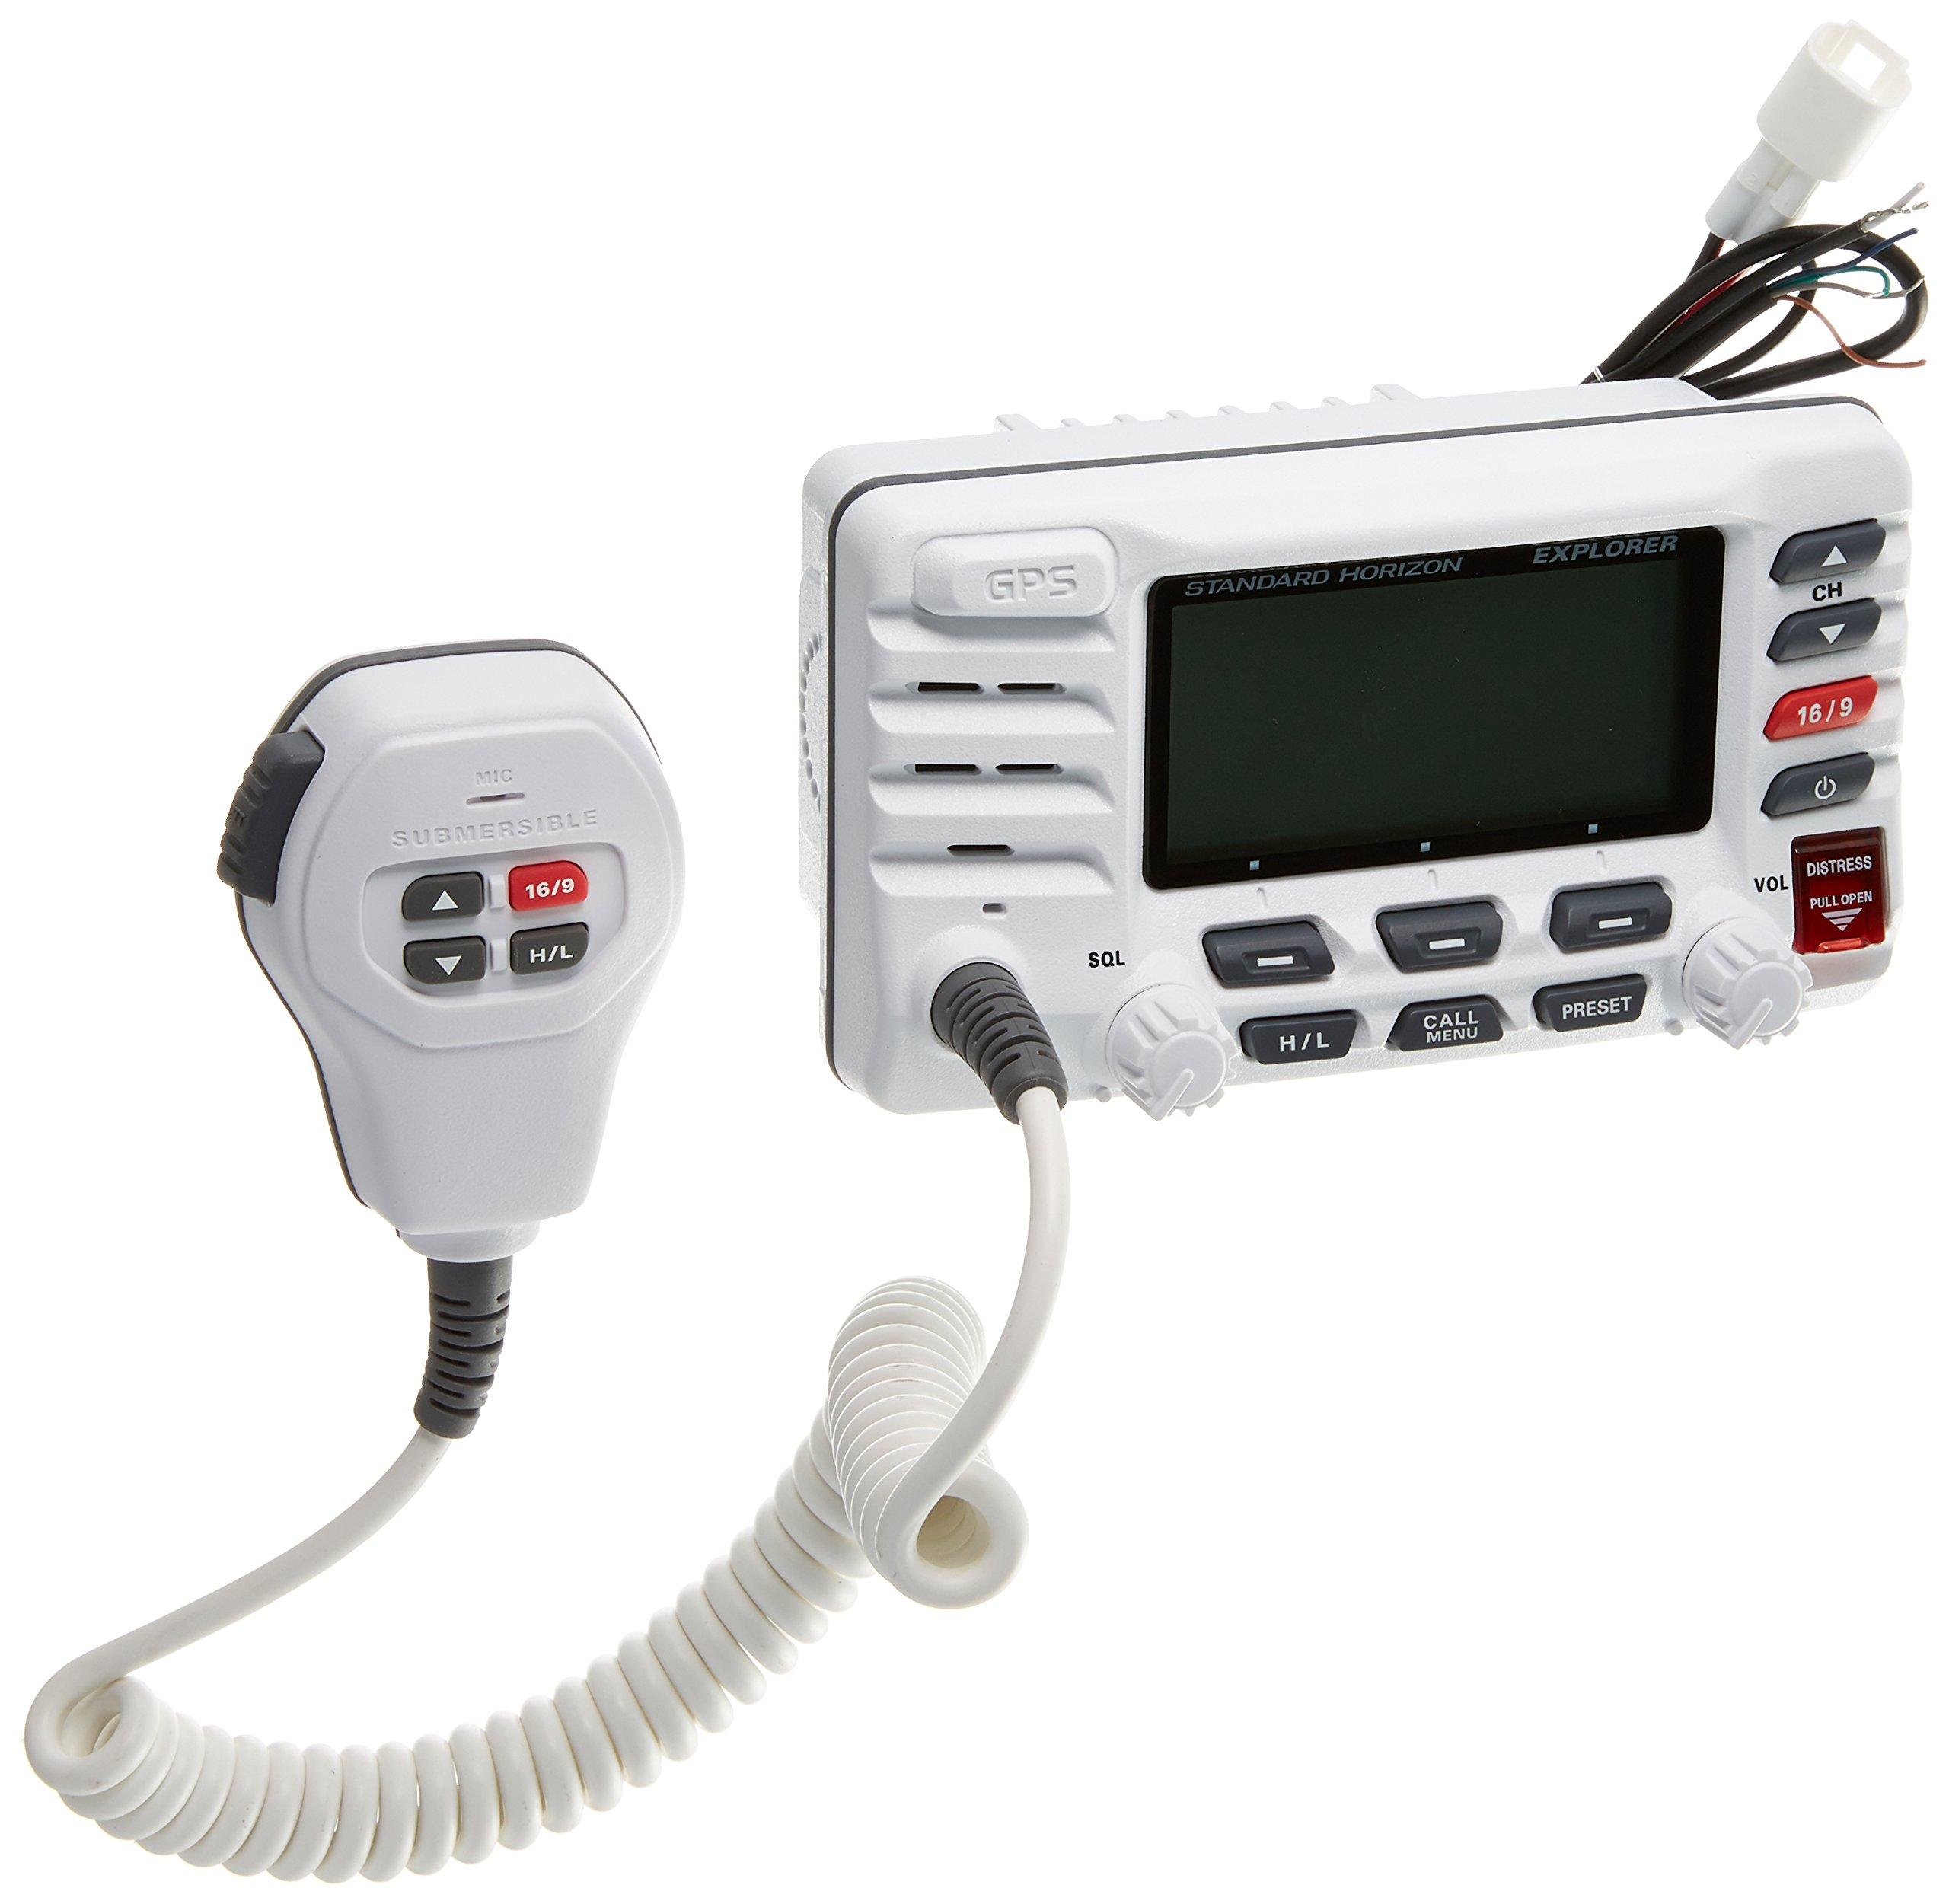 Amazon.com: Standard Horizon GX1700W Standard Explorer GPS VHF Marine Radio  - White: Standard Horizon: Cell Phones & Accessories